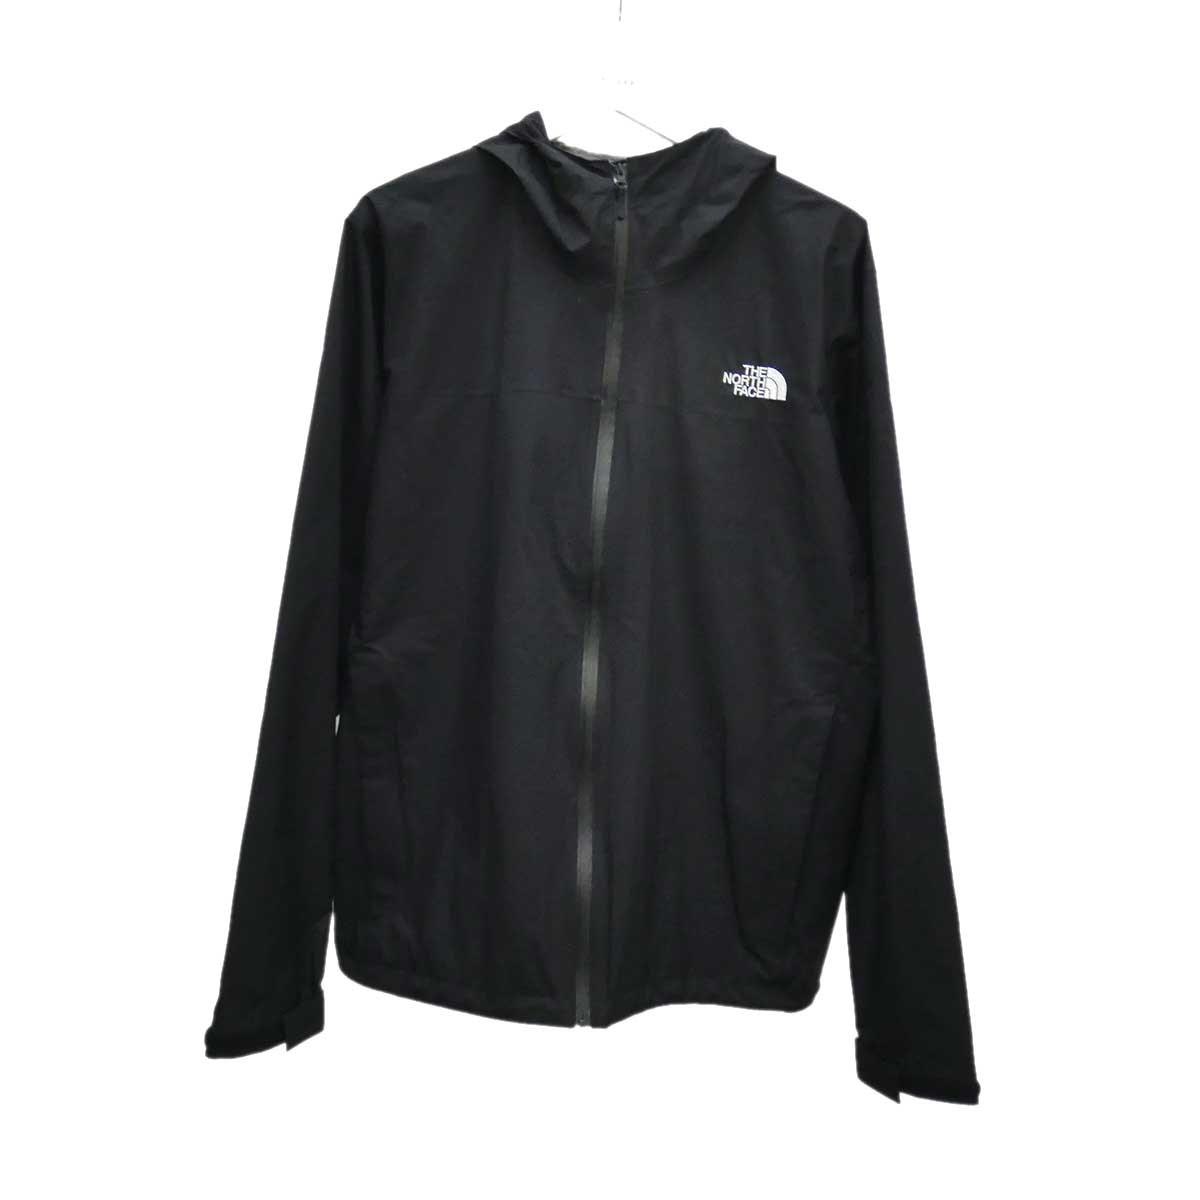 【中古】THE NORTH FACE ベンチャージャケット ブラック サイズ:XL 【120720】(ザノースフェイス)